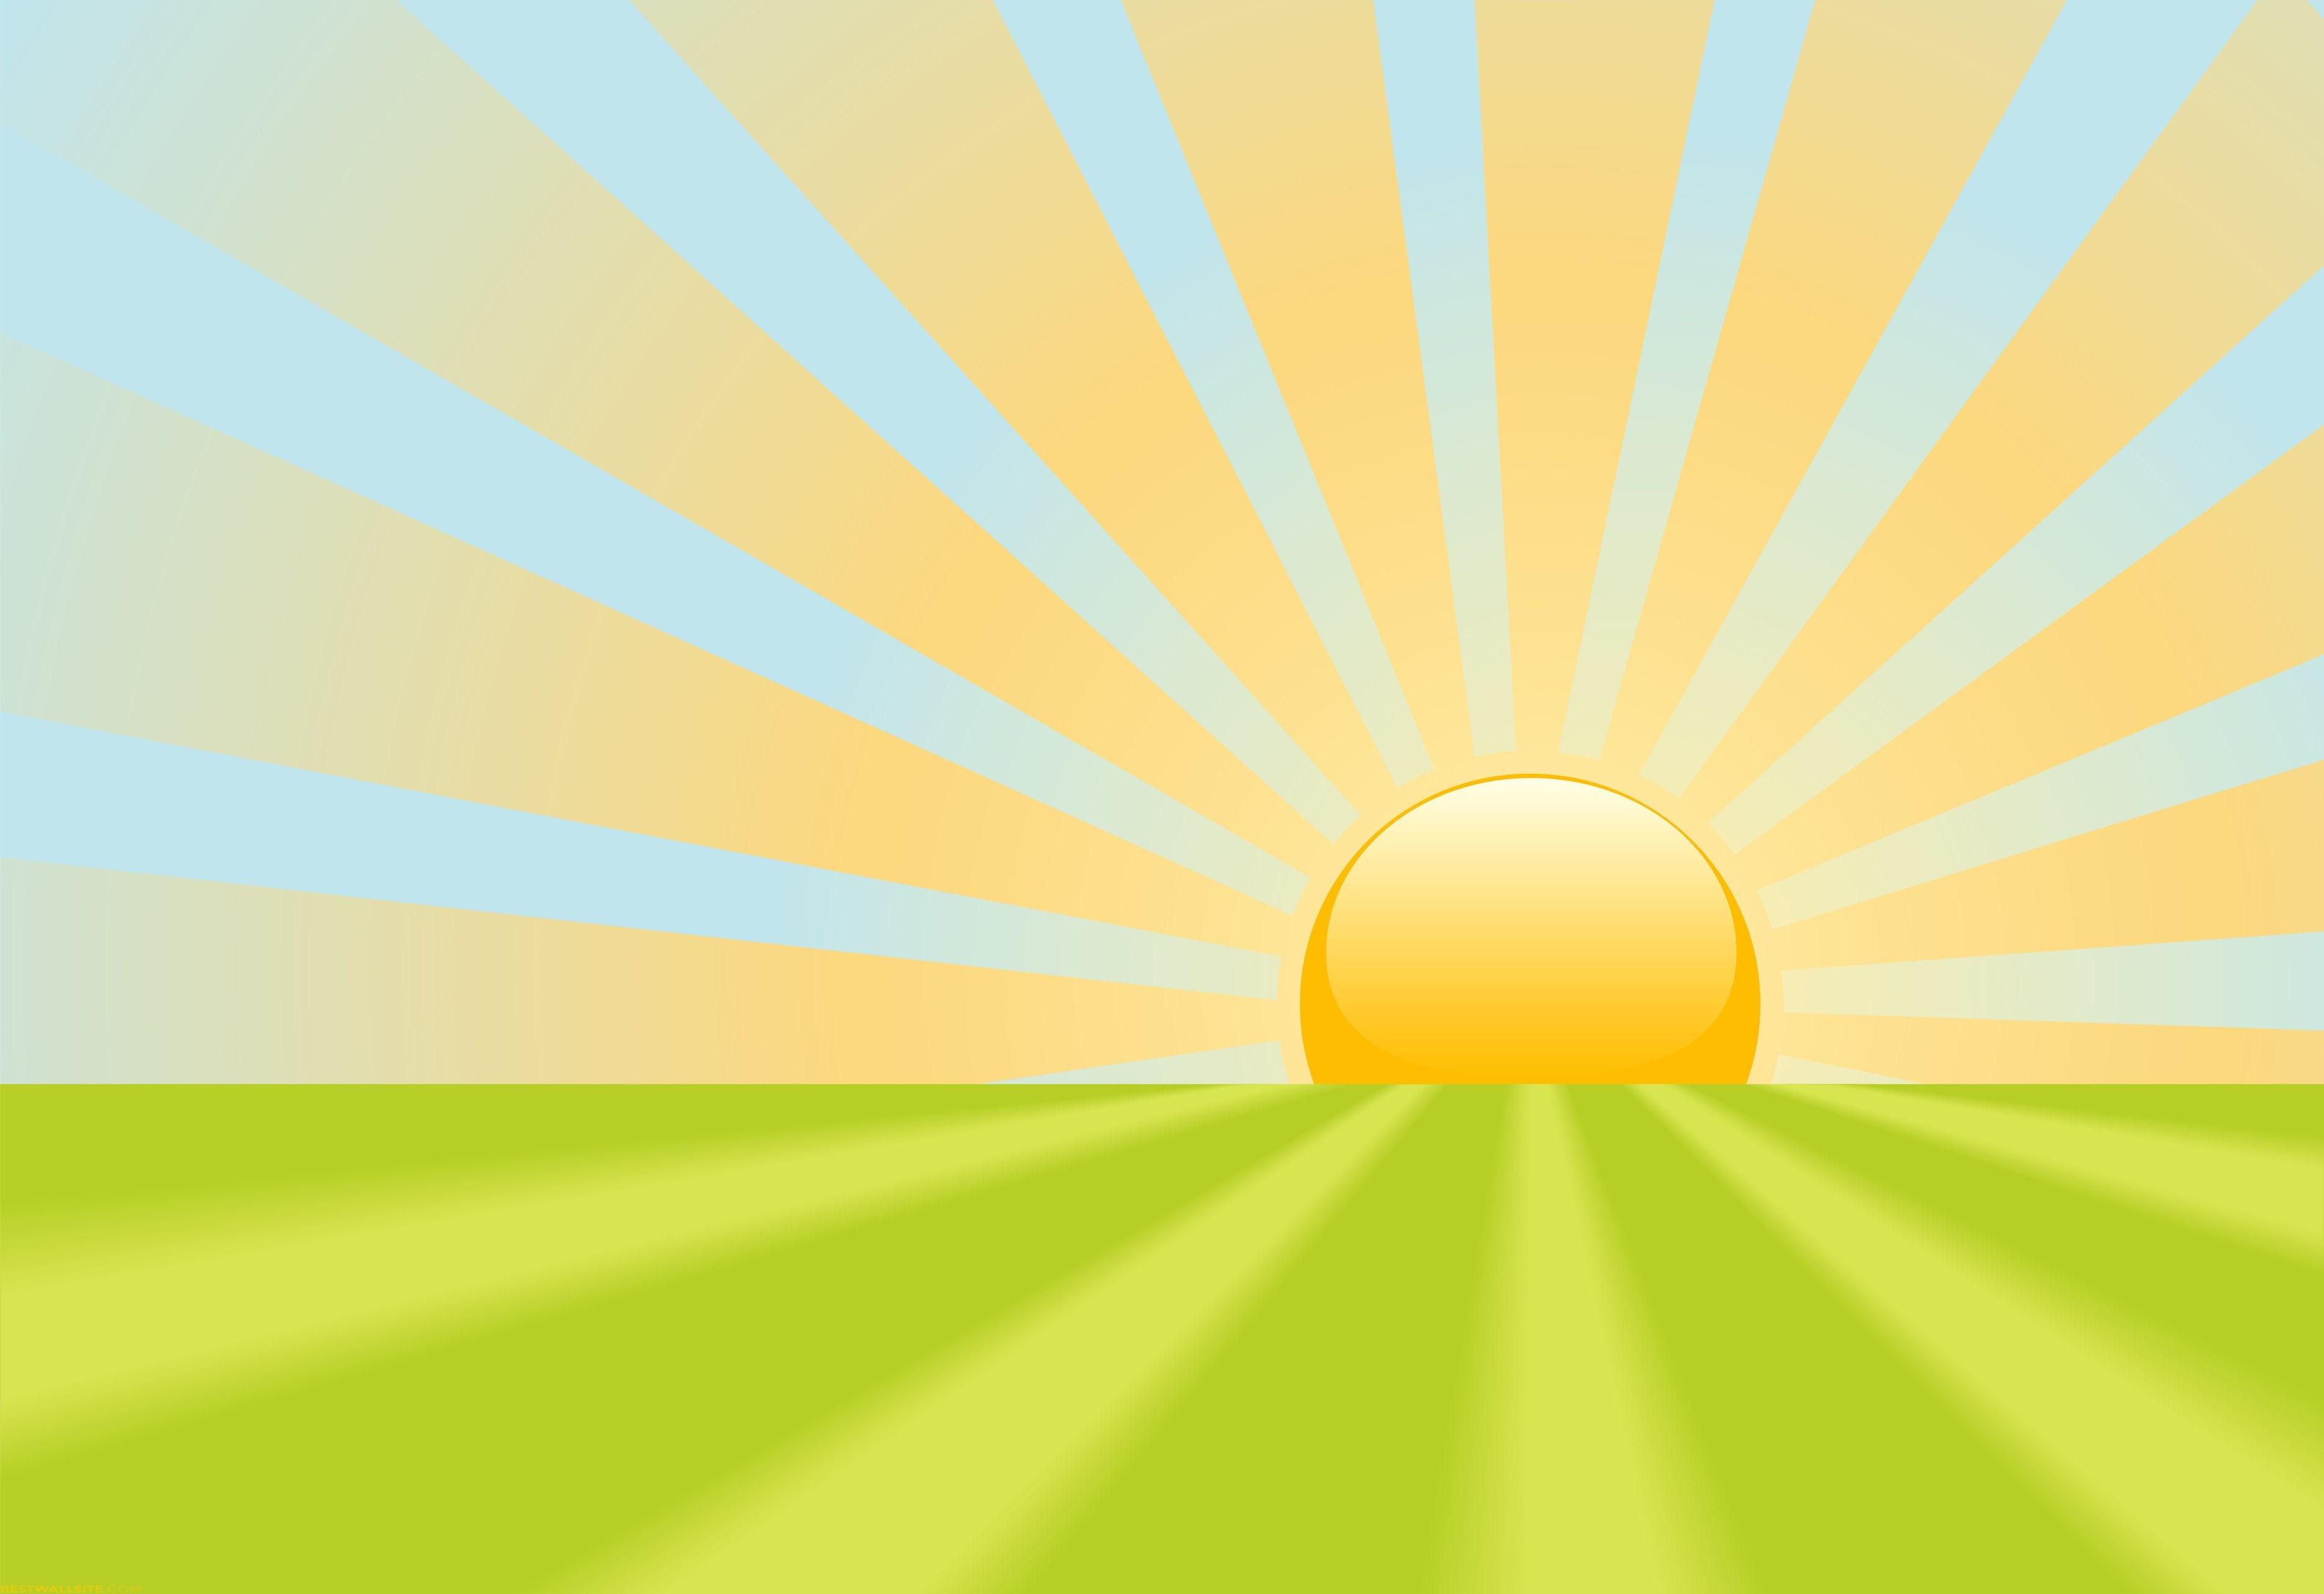 Clipart sunruse freeuse Sunrise Clipart   Free download best Sunrise Clipart on ClipArtMag.com freeuse